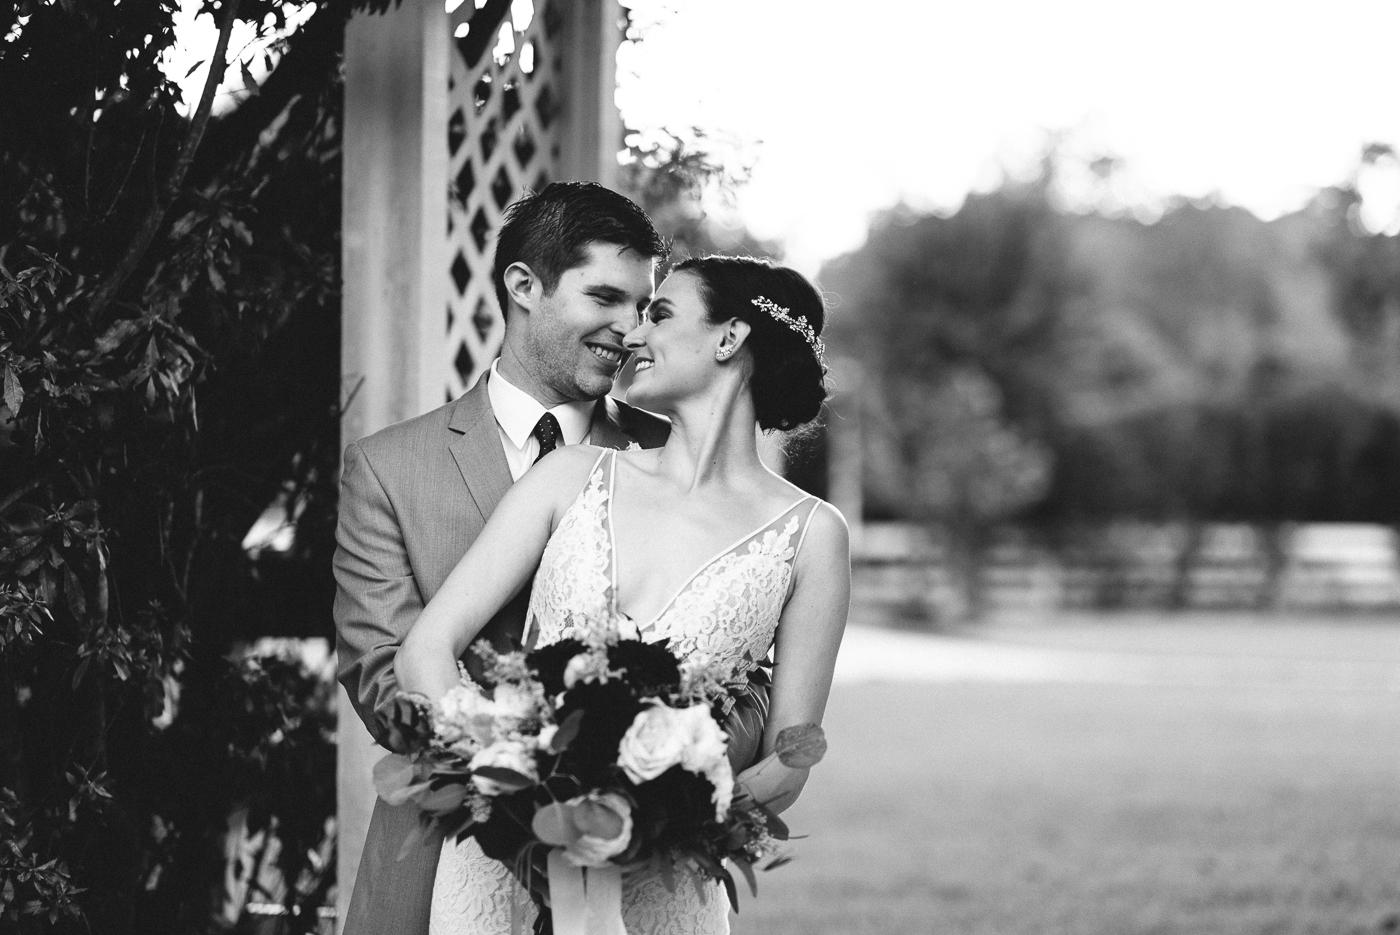 magnolia.texas.wedding (47 of 85).jpg